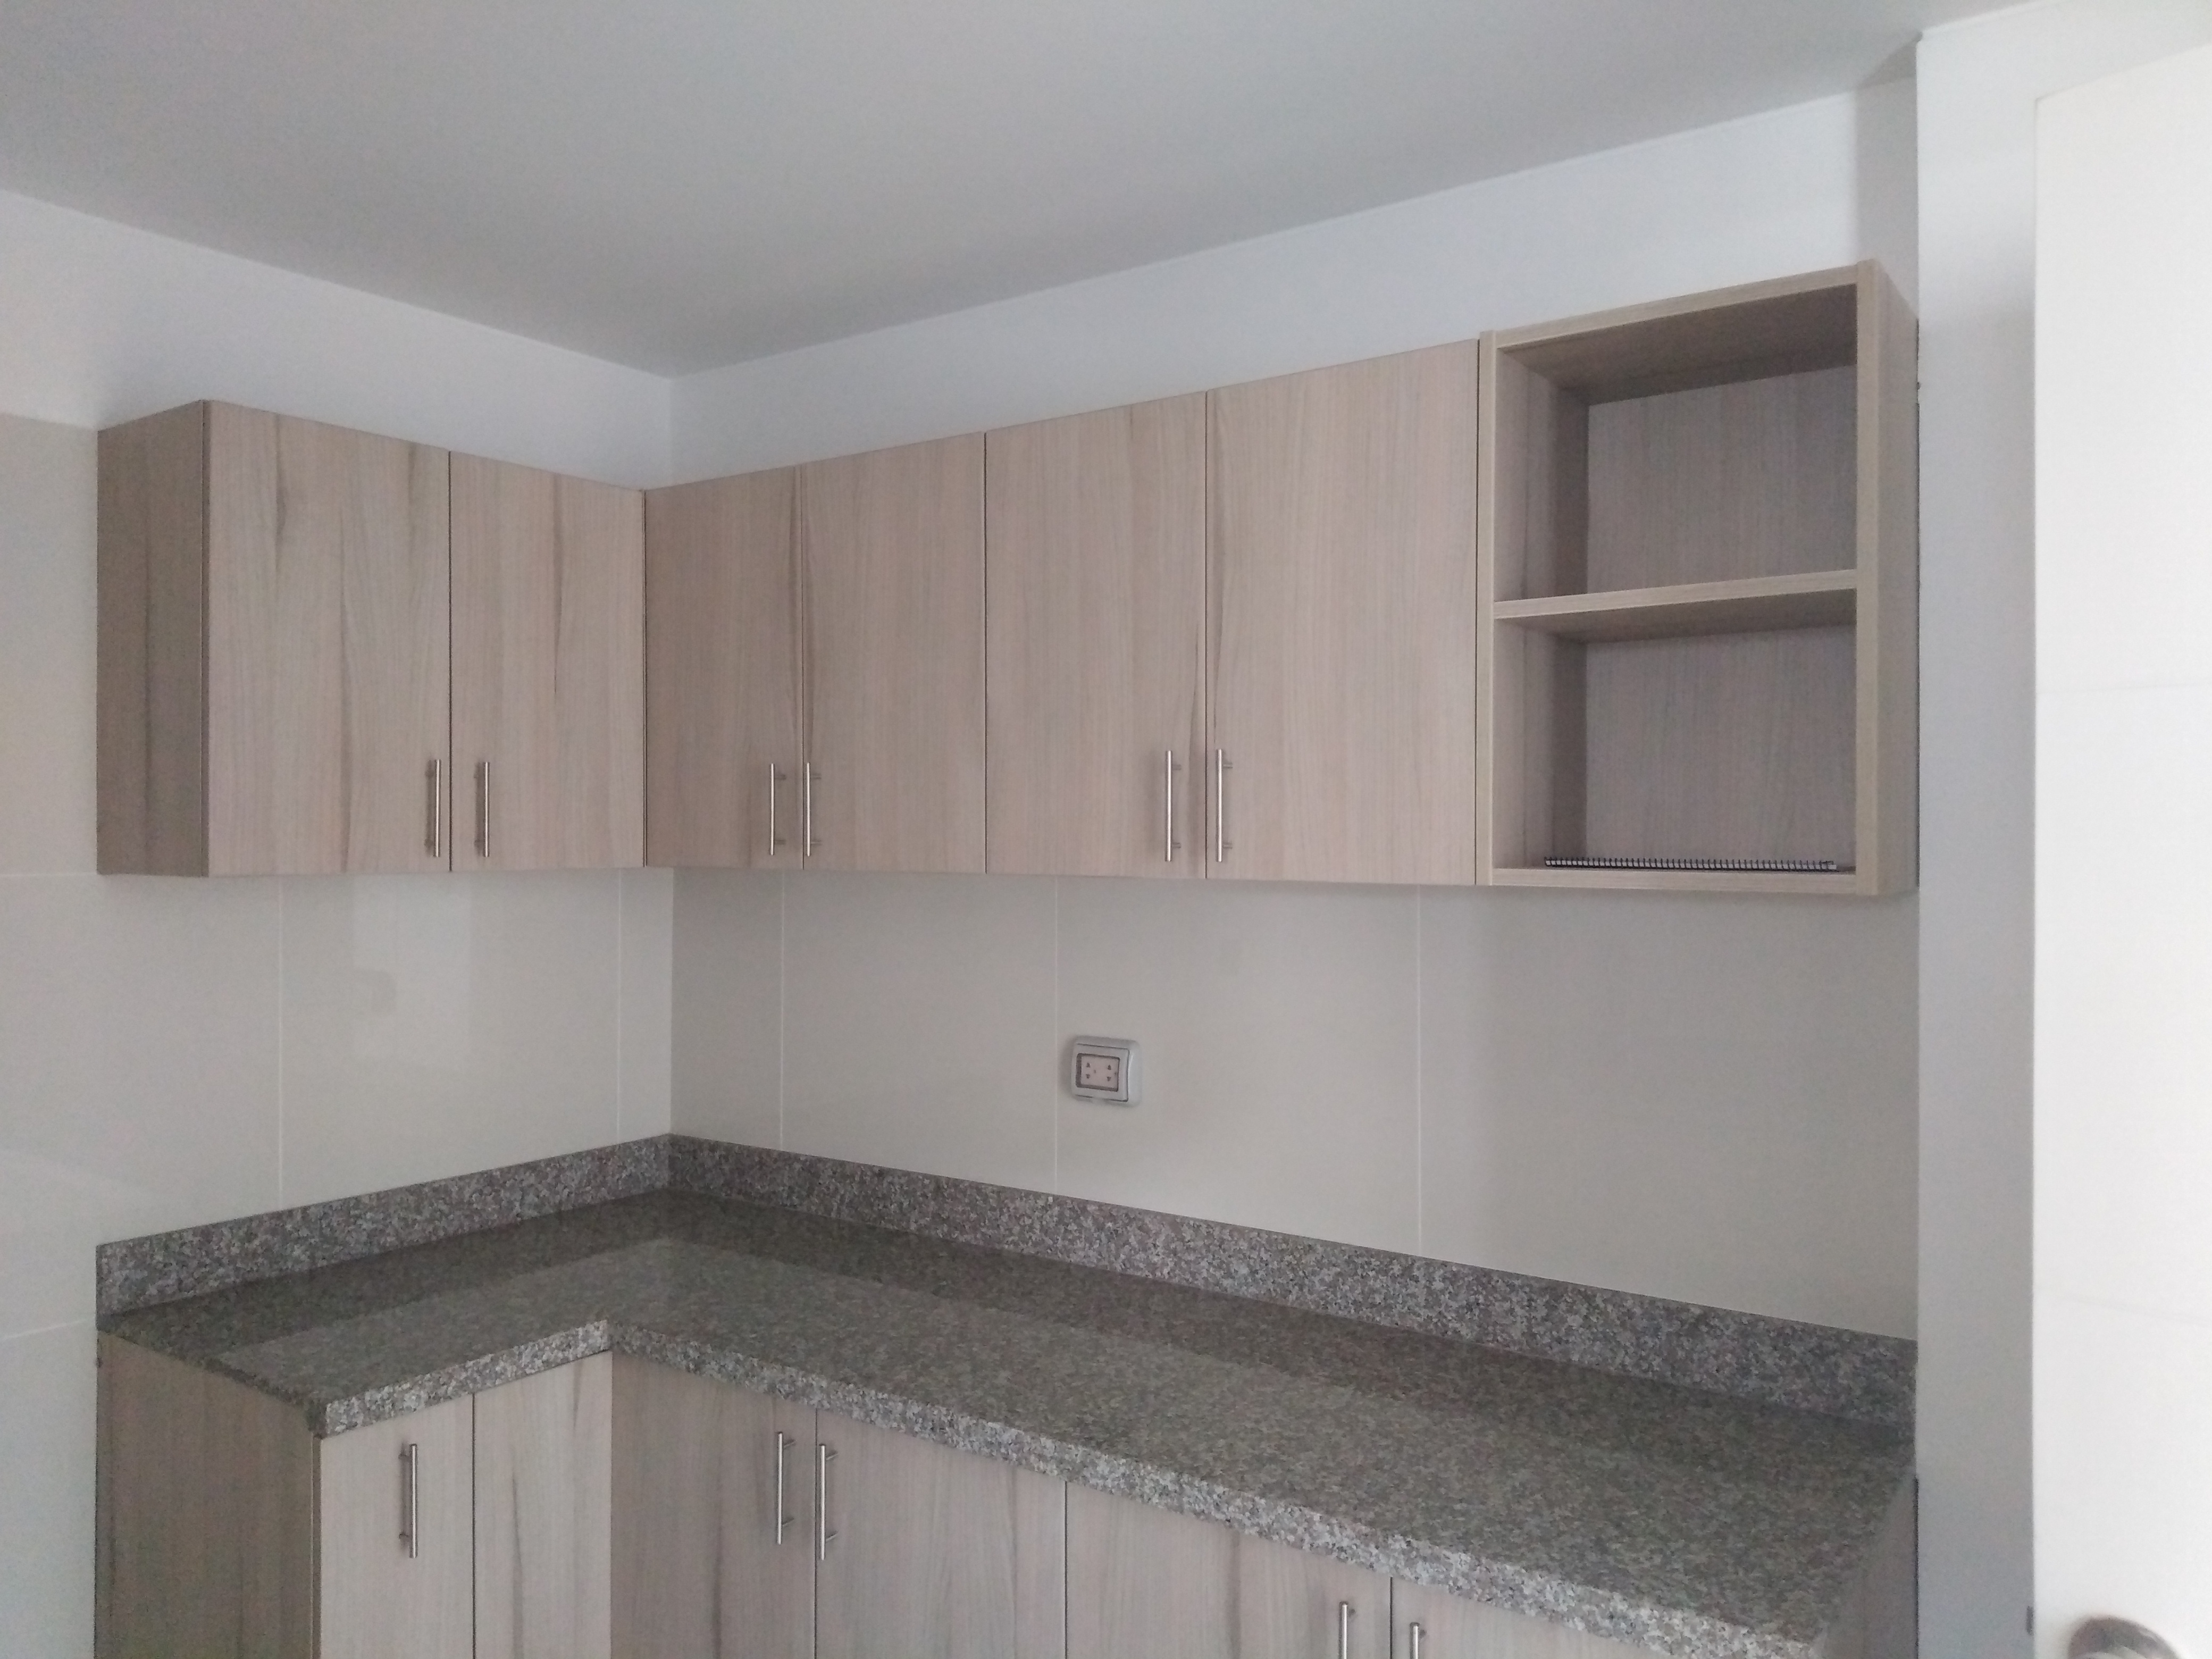 aparador de cocina  en  melamina.jpg